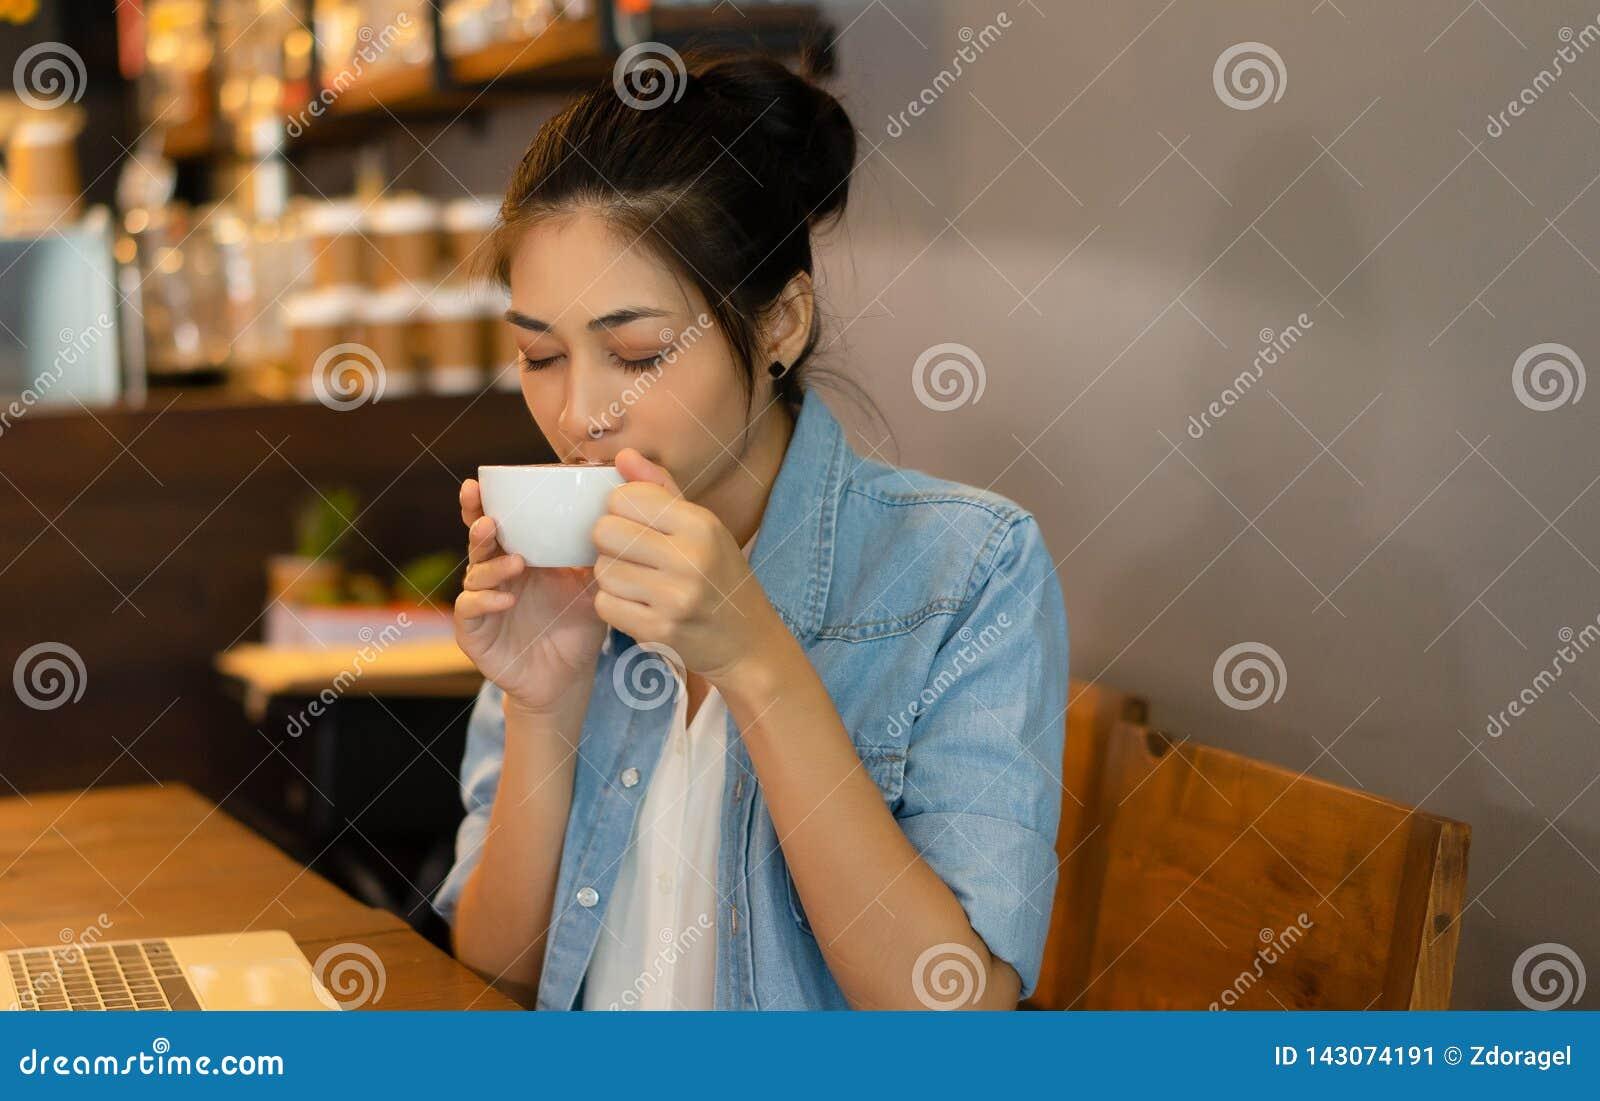 Le portrait de la jeune femelle magnifique asiatique avec ses yeux a clôturé apprécier l odeur du café délicieux frais au café